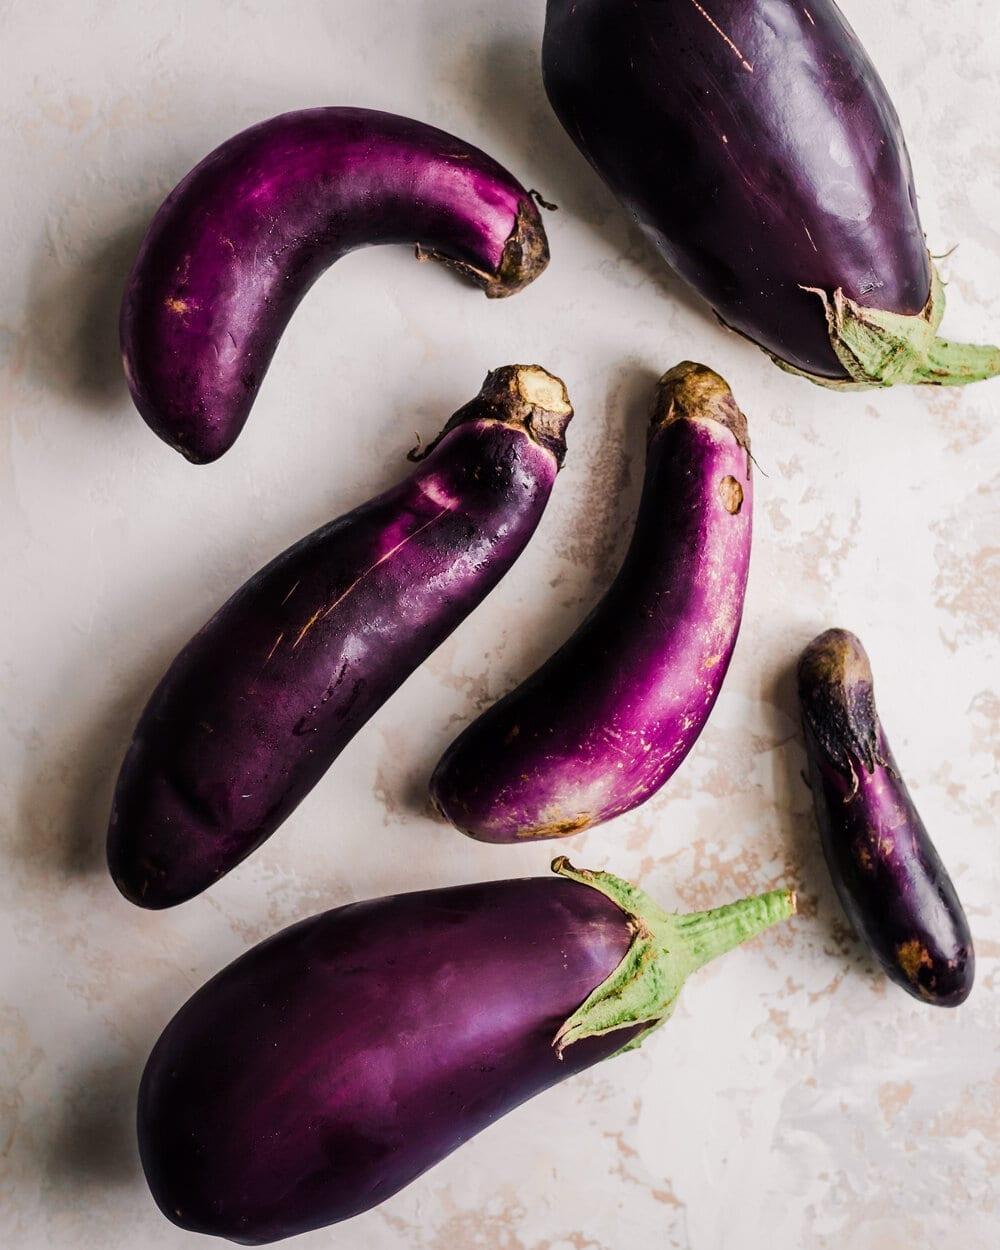 eggplant varieties on marble backdrop